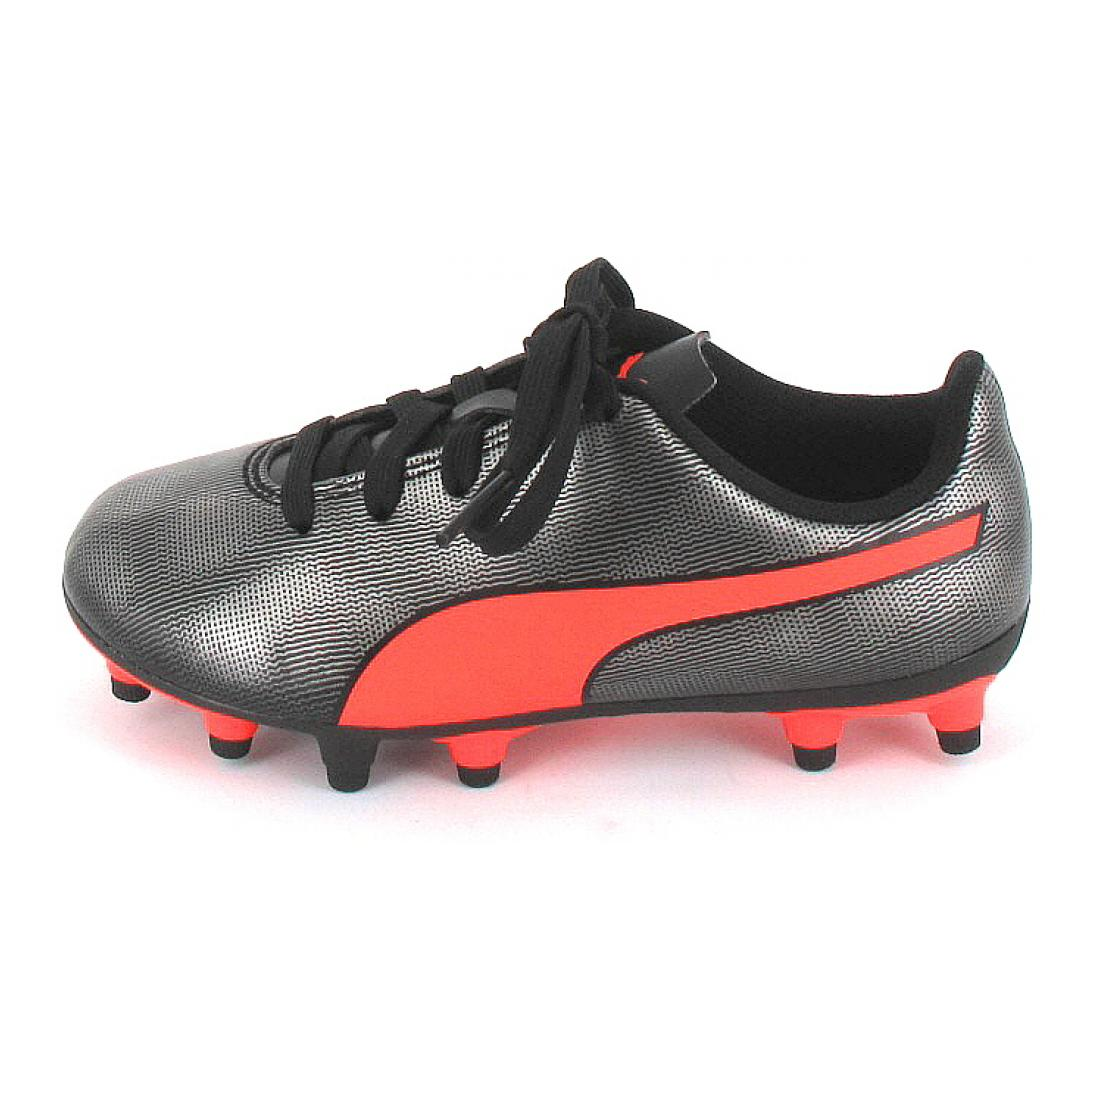 Puma Fußballschuh Nocken RAPIDO   Schuh Welt Wo